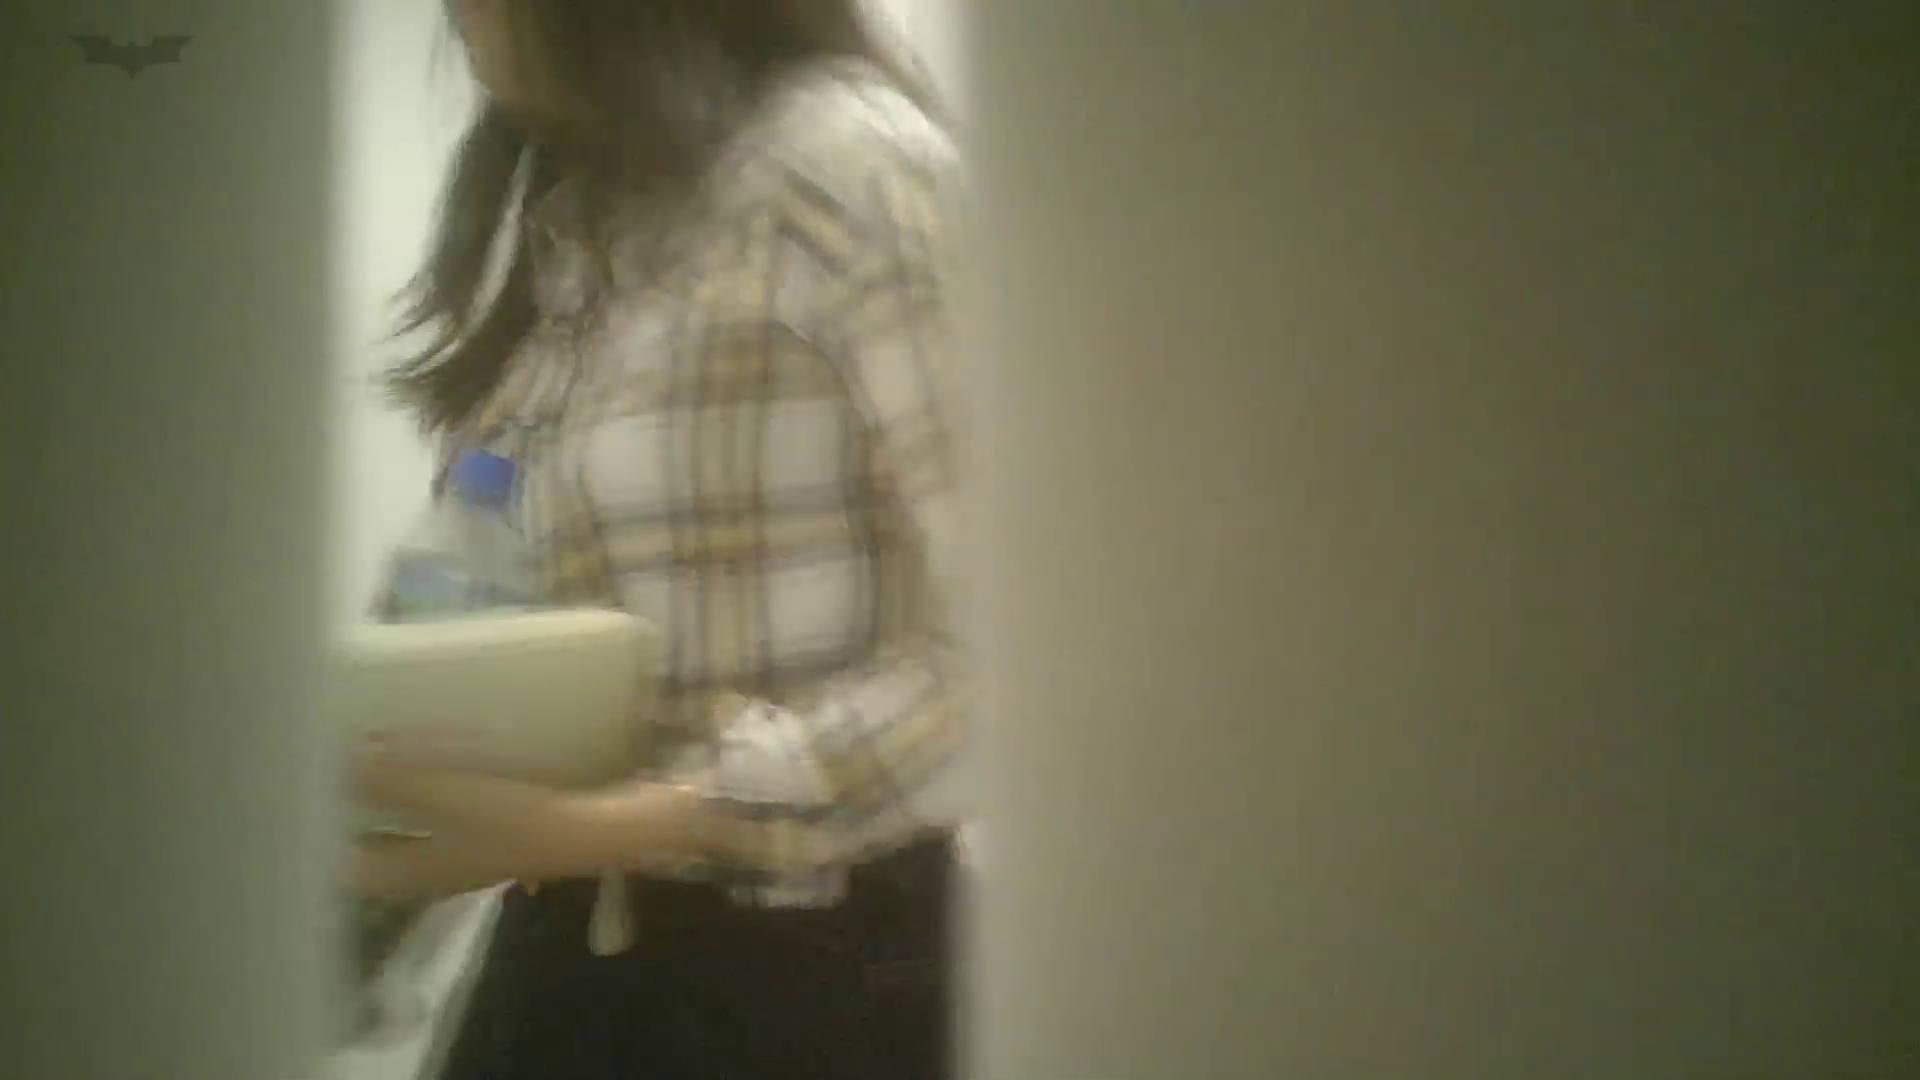 有名大学女性洗面所 vol.50 個室には3つの「目」があるみたいです。 潜入 オメコ動画キャプチャ 49画像 13